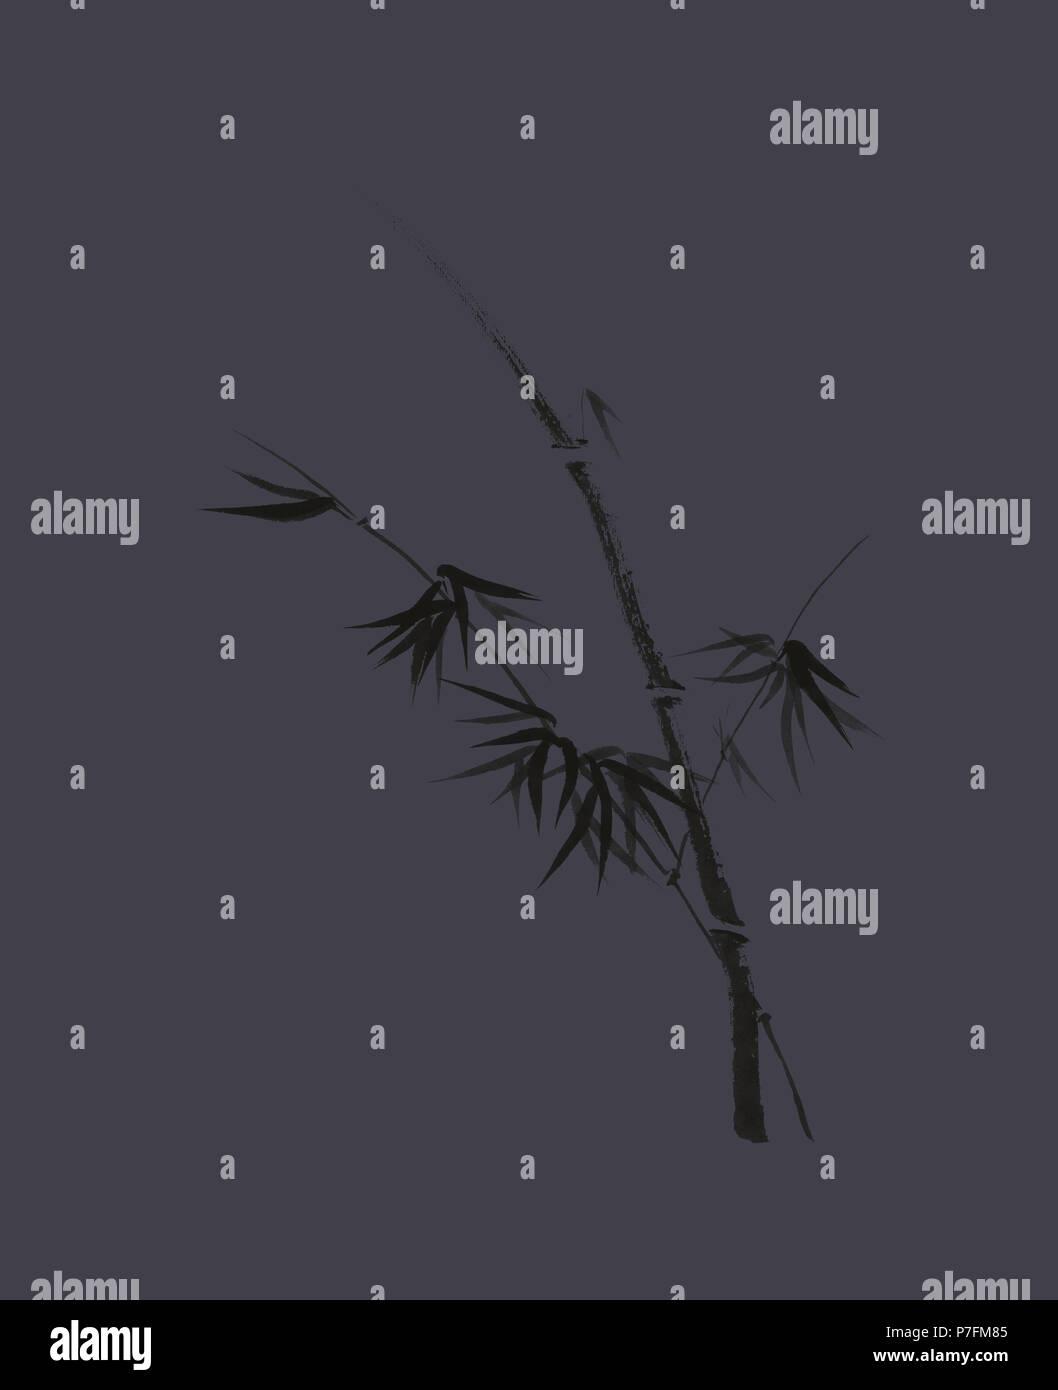 Conception artistique exquis dans oriental Zen japonais style de peinture à l'encre de la tige de bambou avec les jeunes feuilles, illustration sur dark Photo Stock